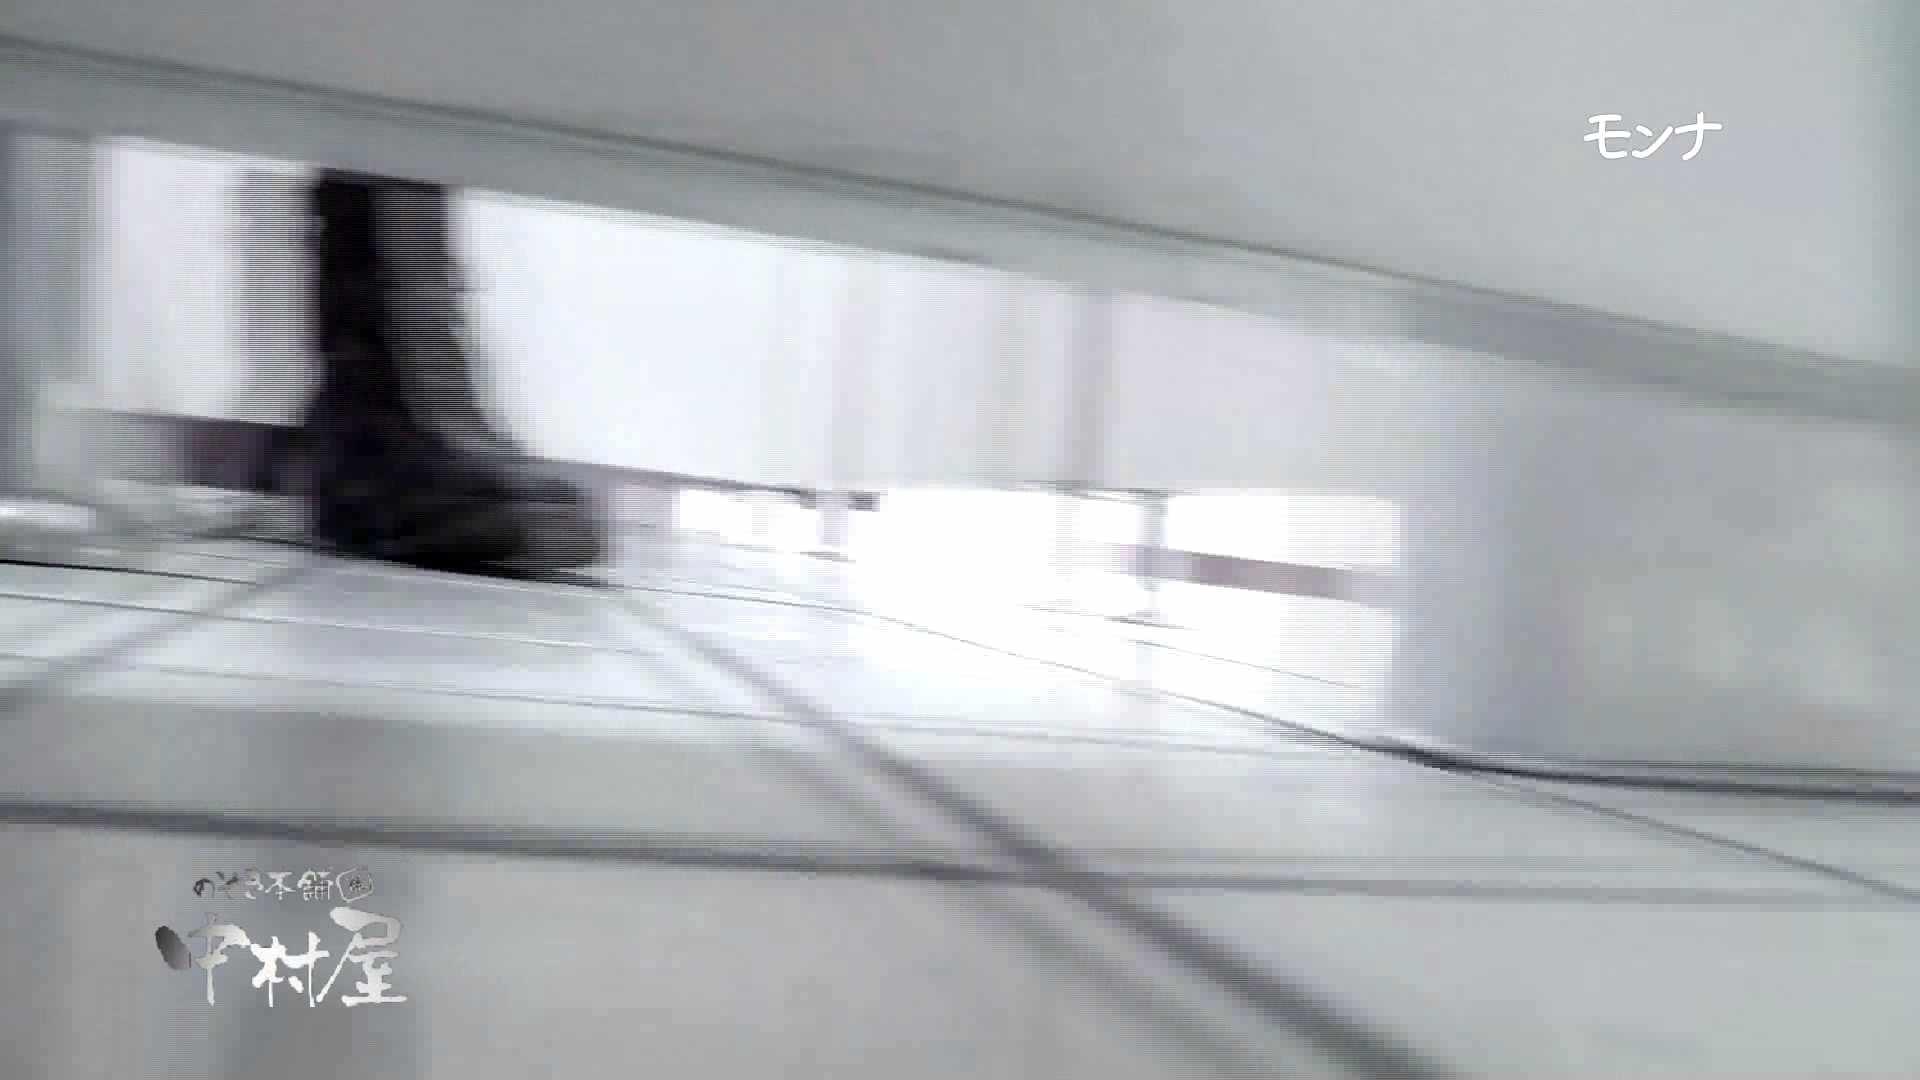 【美しい日本の未来】新学期!!下半身中心に攻めてます美女可愛い女子悪戯盗satuトイレ後編 悪戯 | 下半身  97pic 35